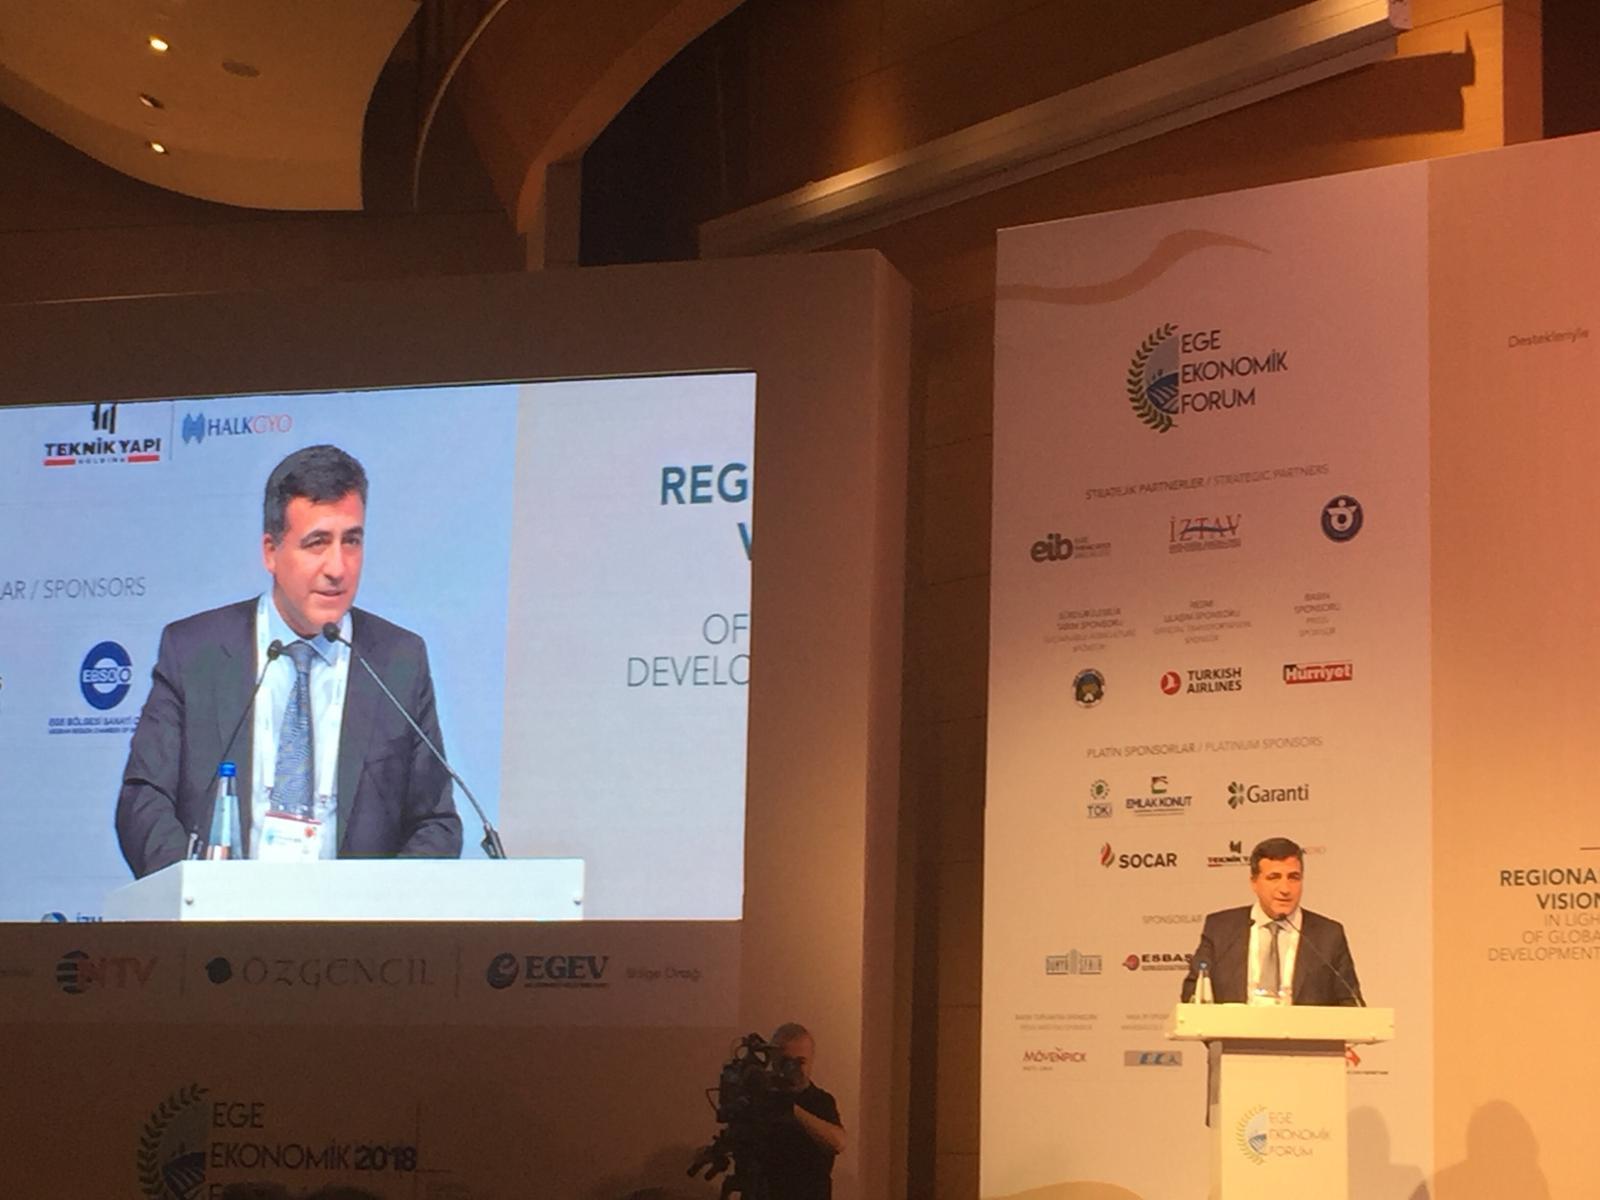 Ege Ekonomik Forum 2018